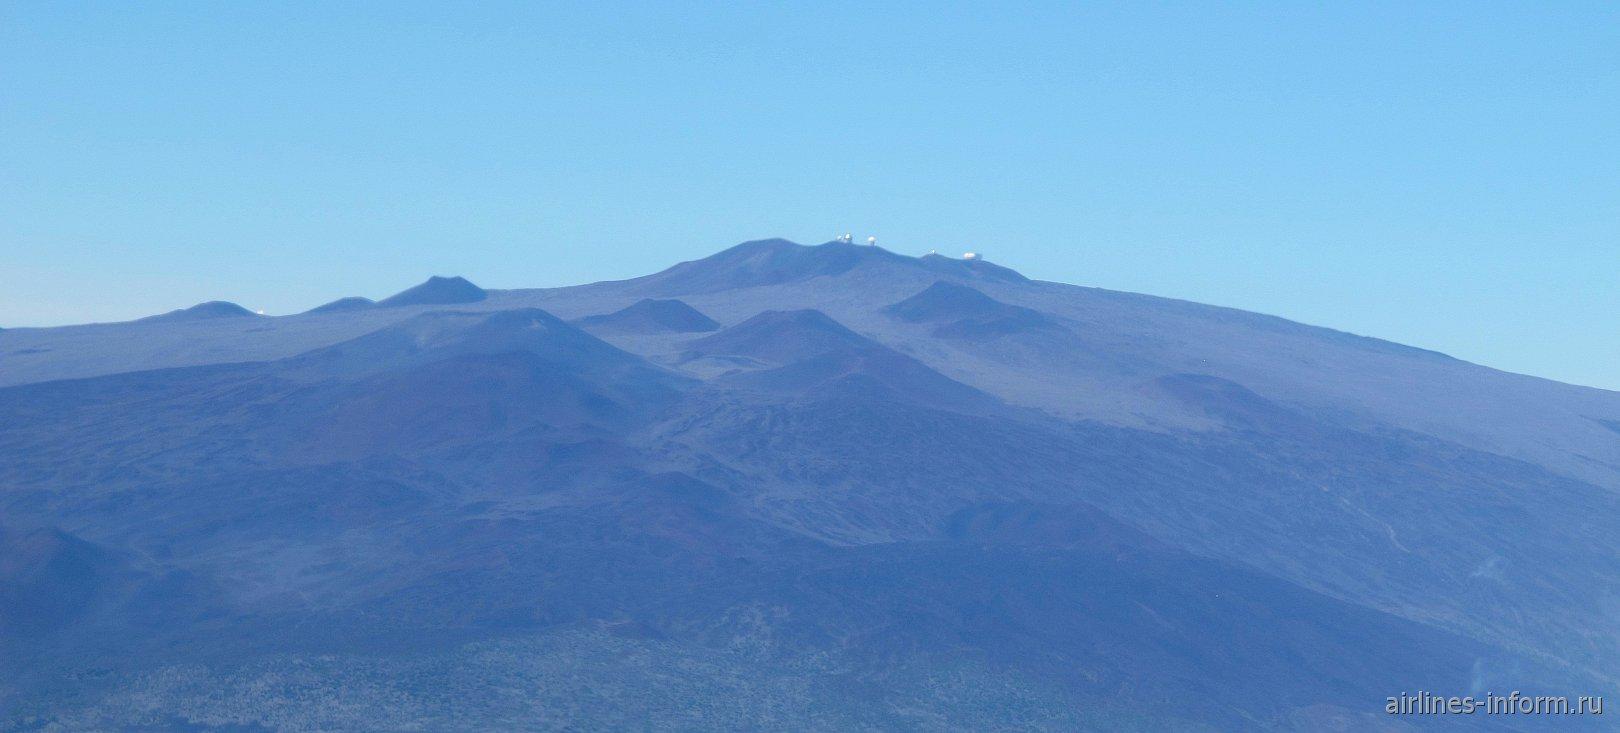 Вершины Мауна Кеа на острове Гавайи